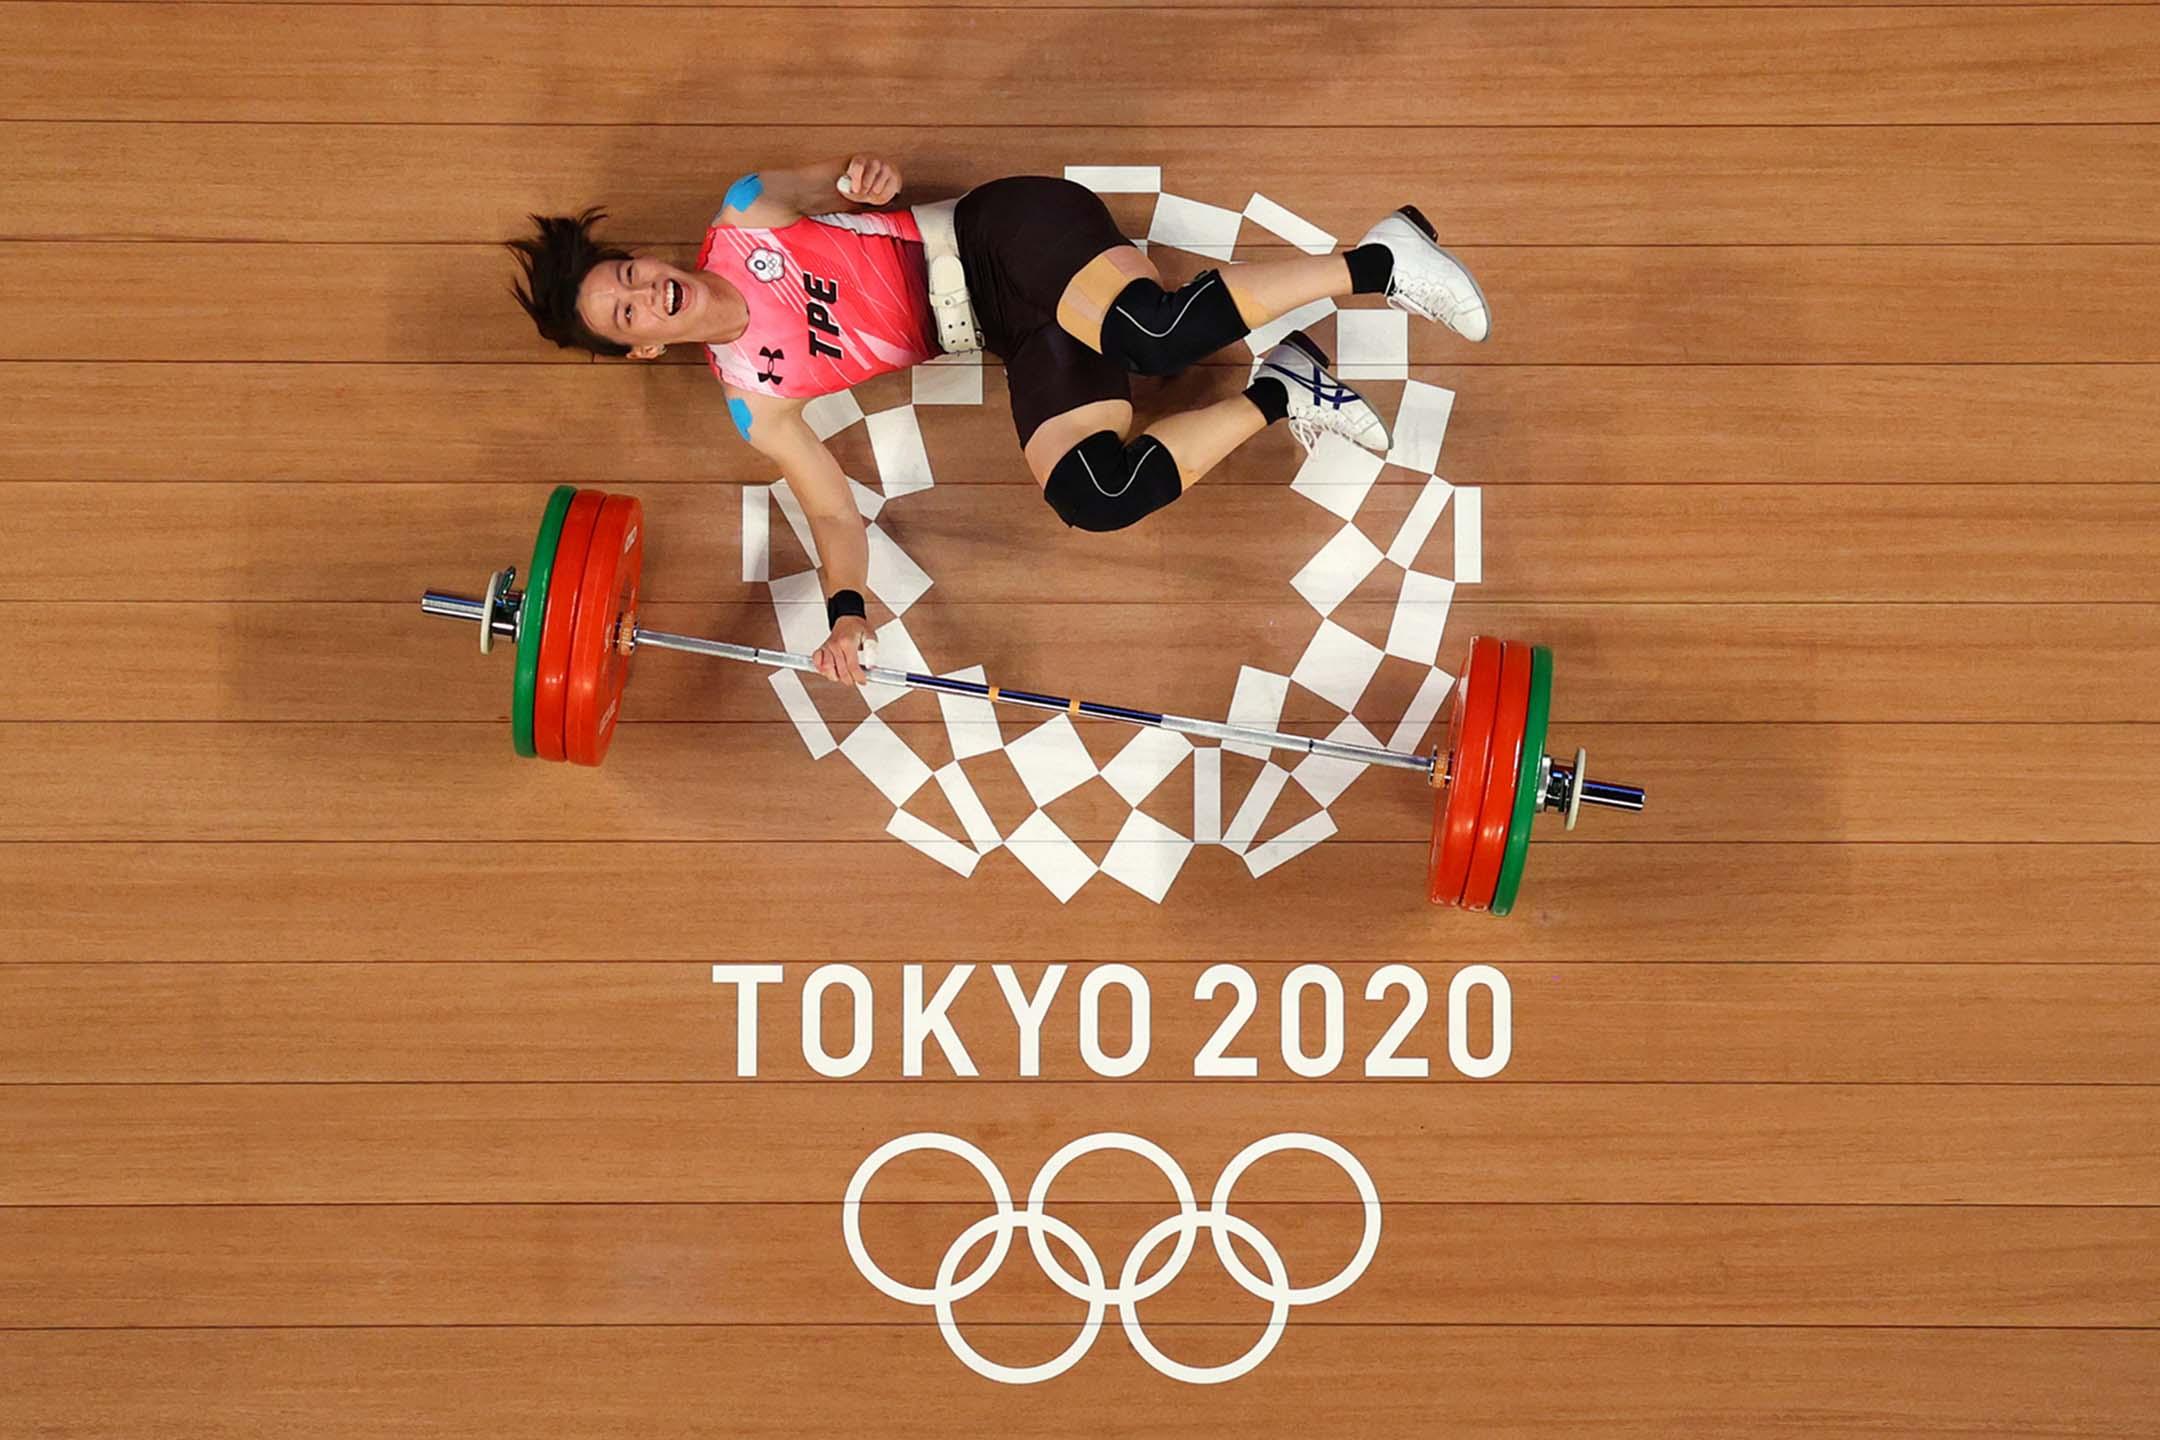 2021年7月27日日本東京奧運會,女子 59 公斤級舉重冠軍郭婞淳。